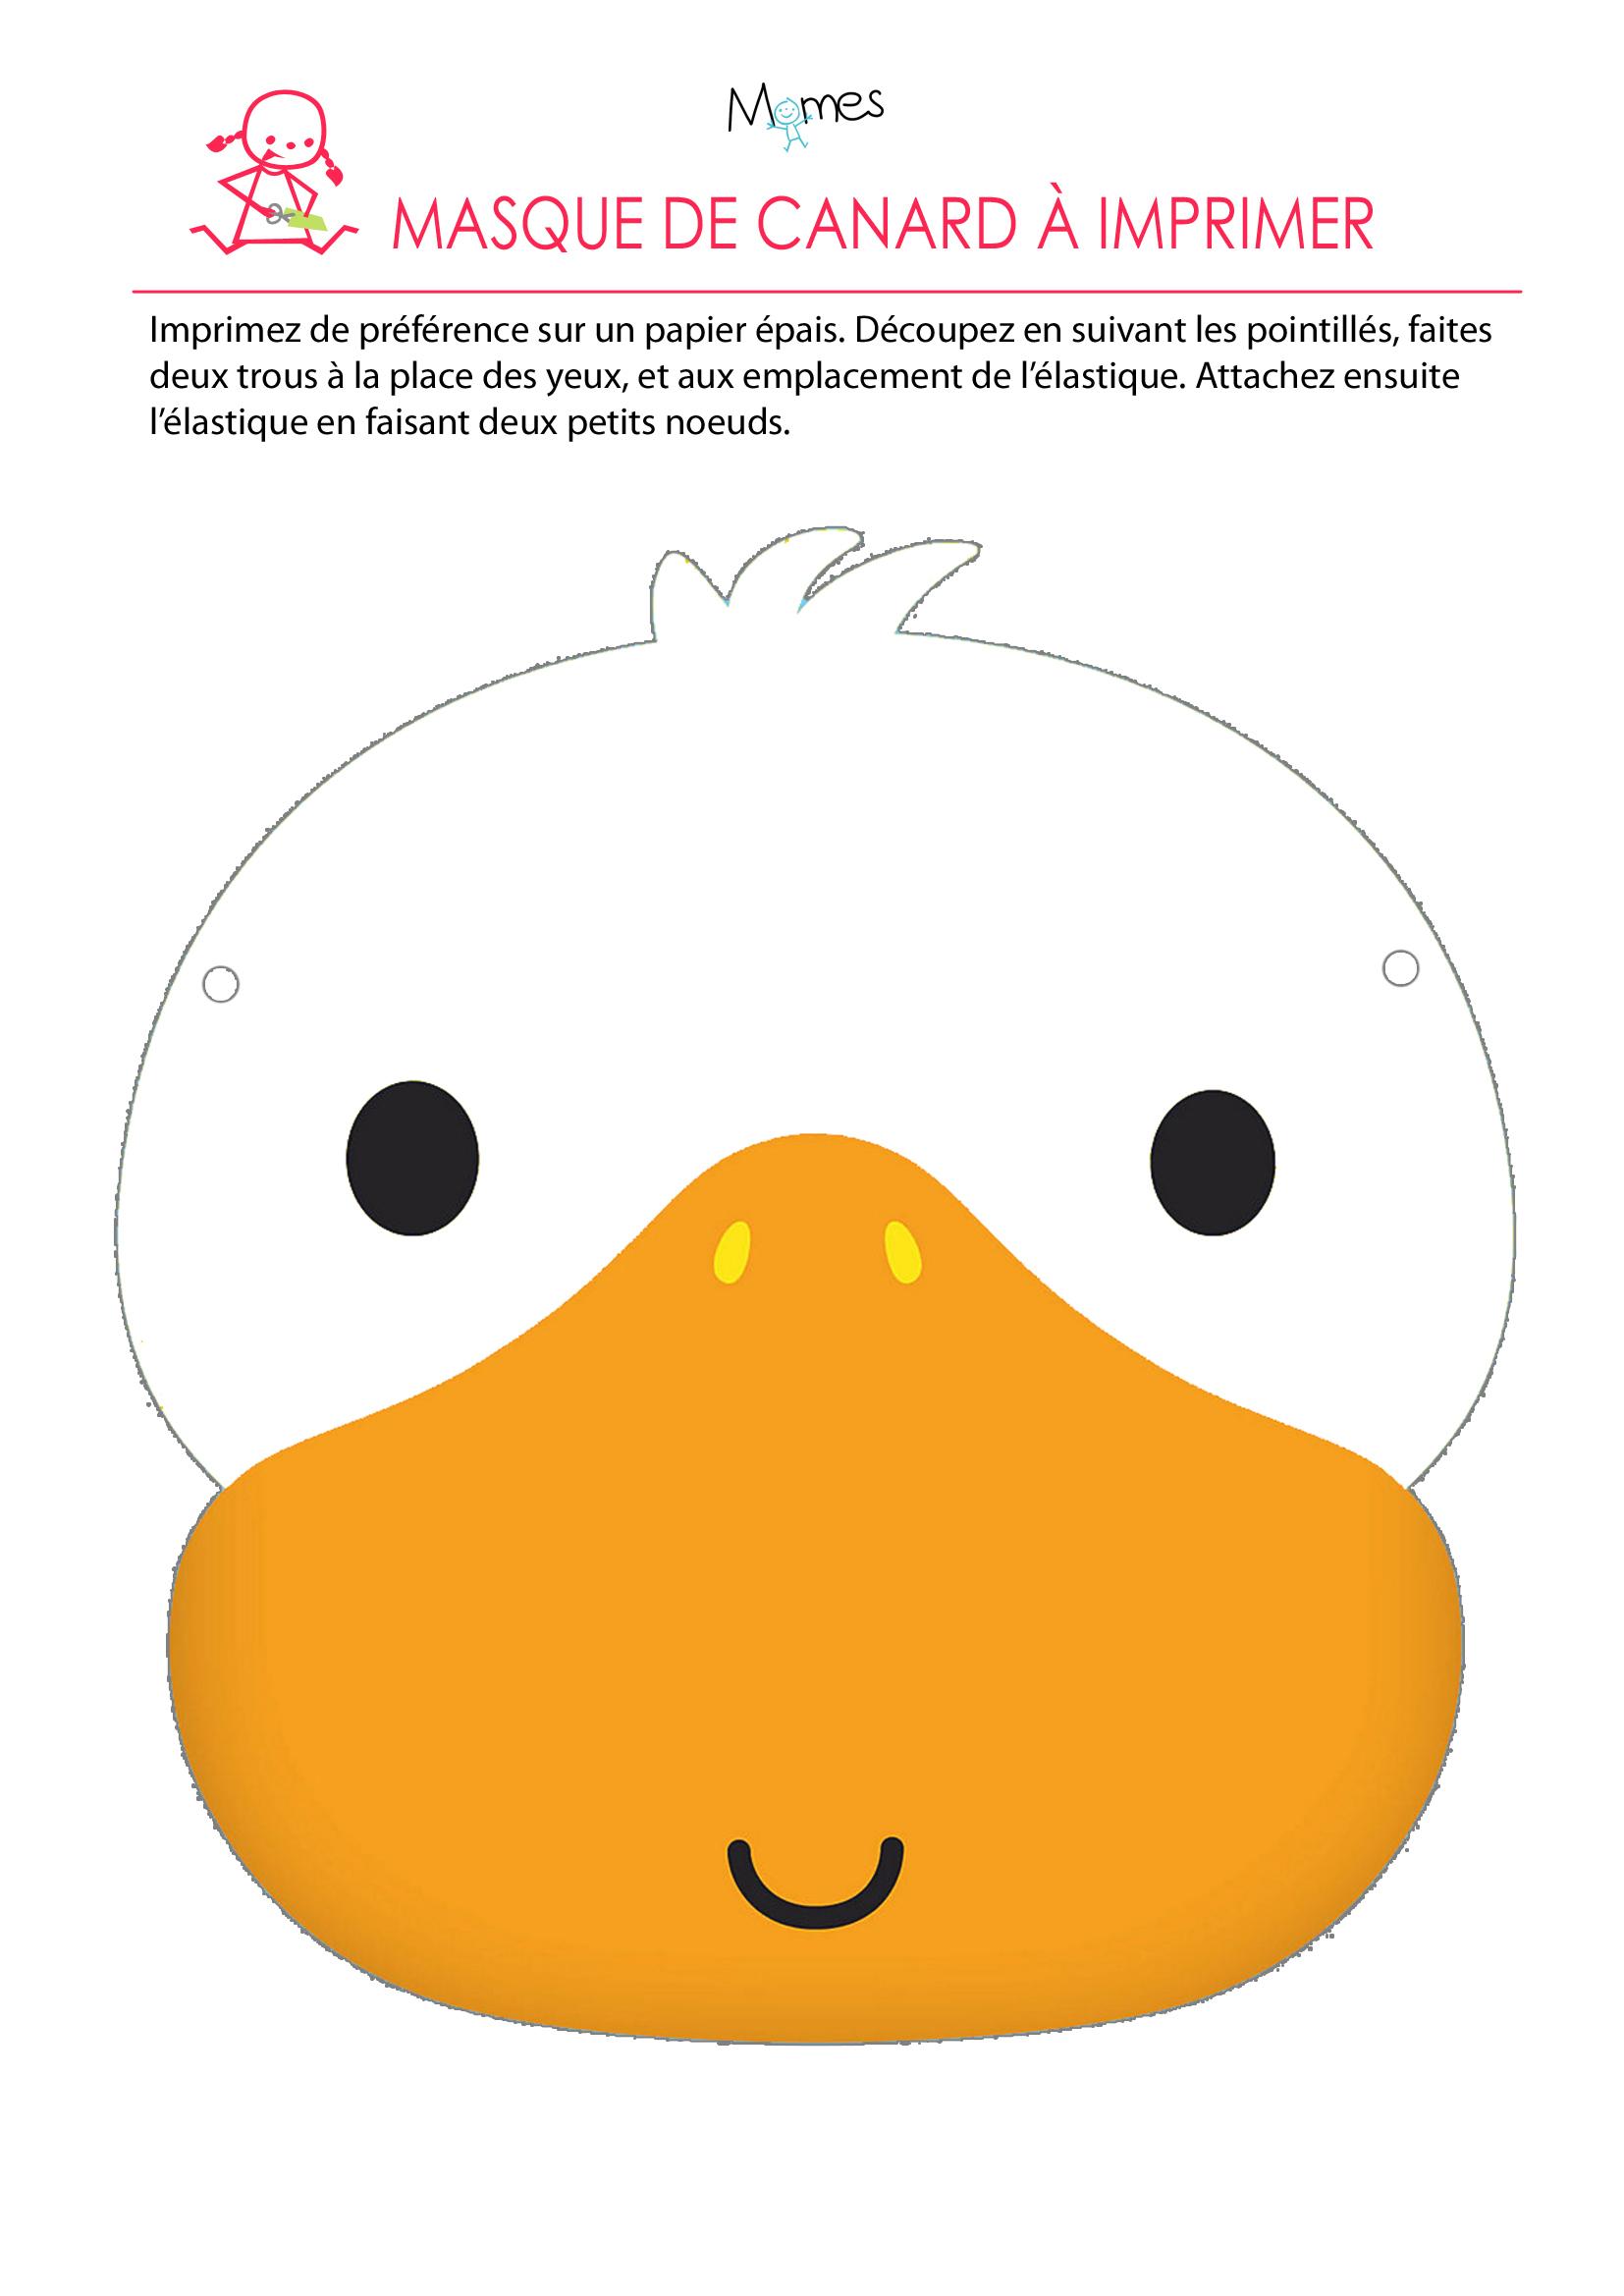 Les Masques Du Carnaval: Le Masque De Canard - Momes pour Modele Masque De Carnaval A Imprimer